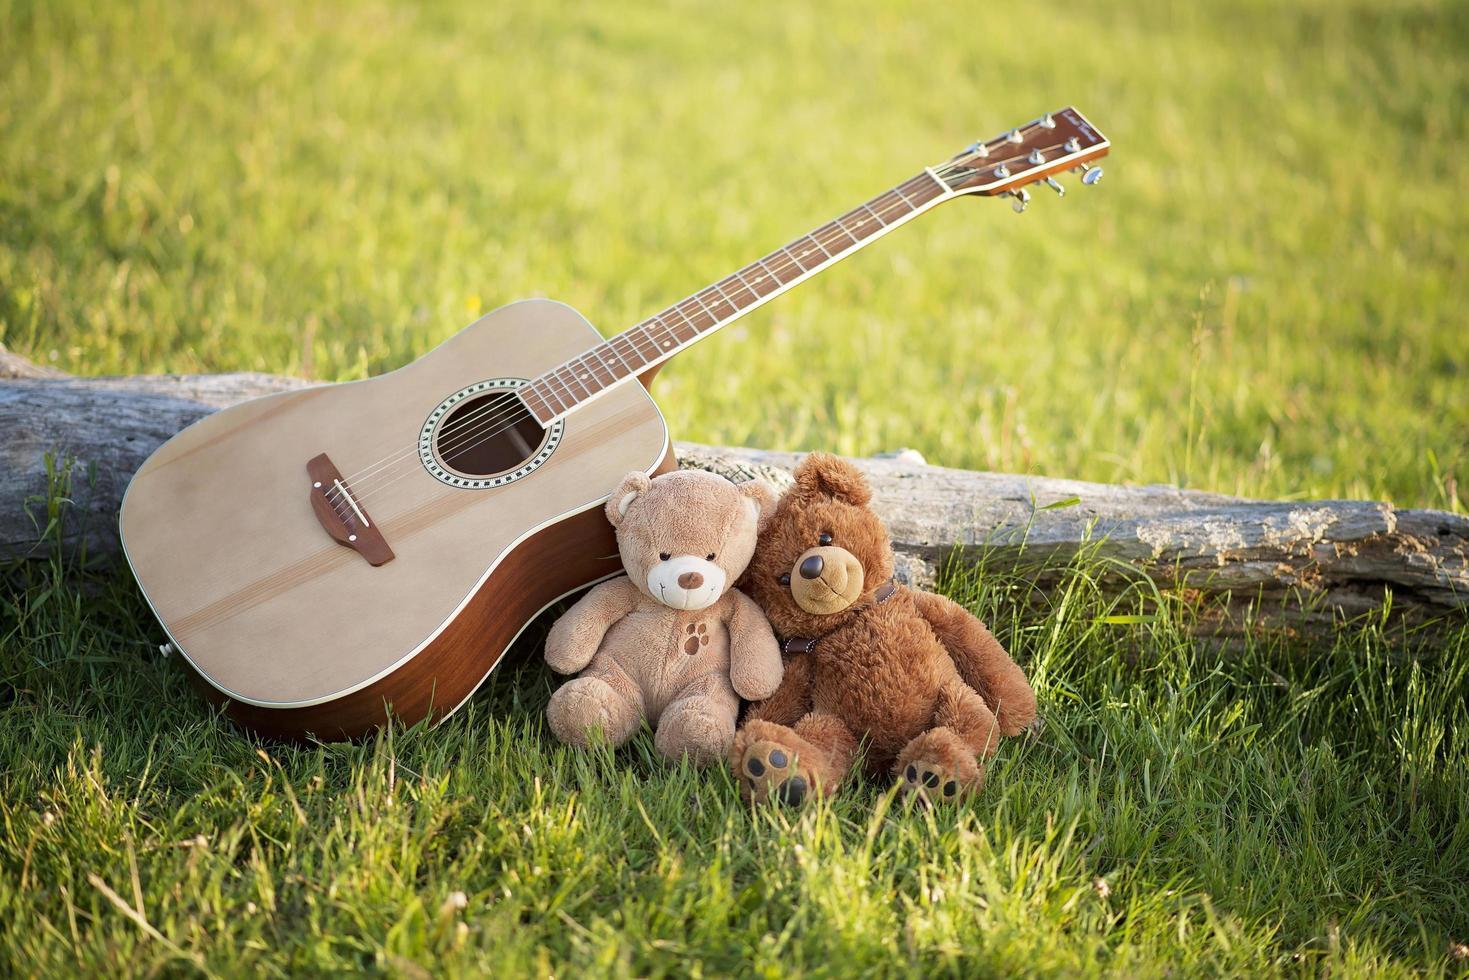 Zwei verliebte Teddybären im Gras mit einer Gitarre an einem sonnigen Sommertag. Valentinstag. Konzept der Liebe und Treue. schwule Paare foto